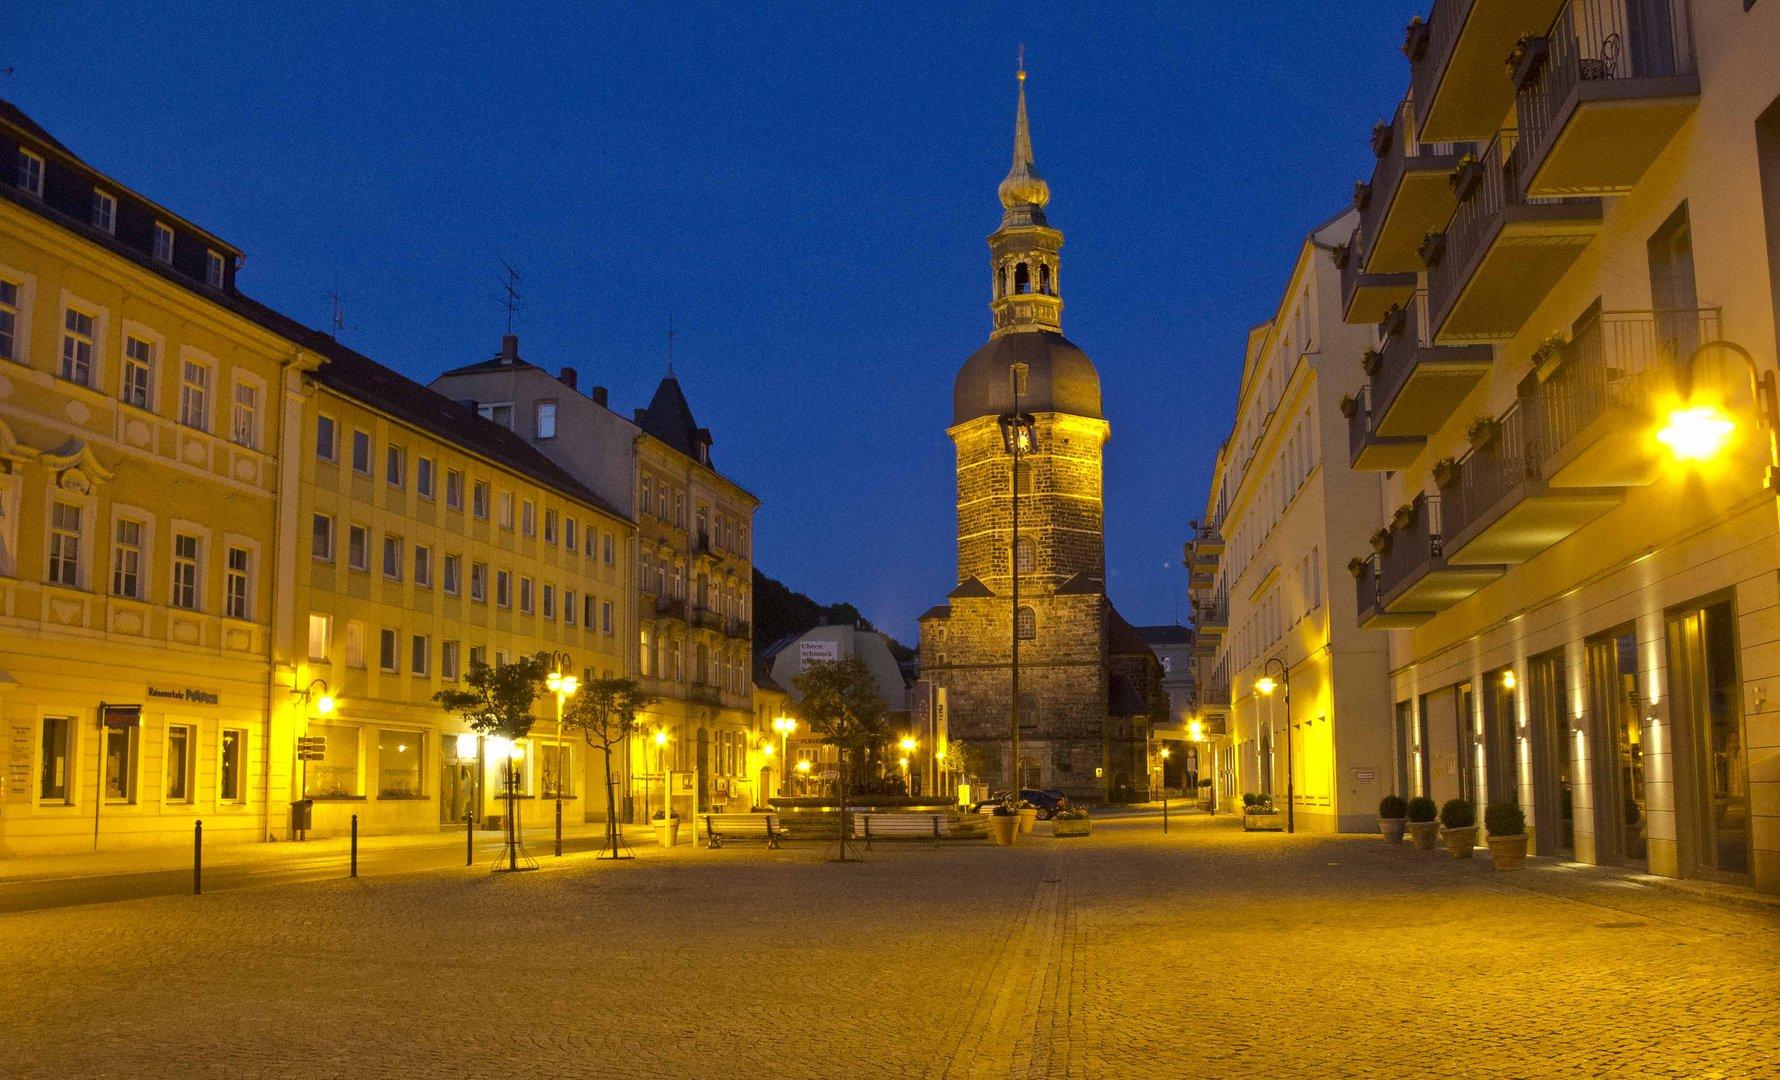 Marktplatz Bad Schandau am Abend